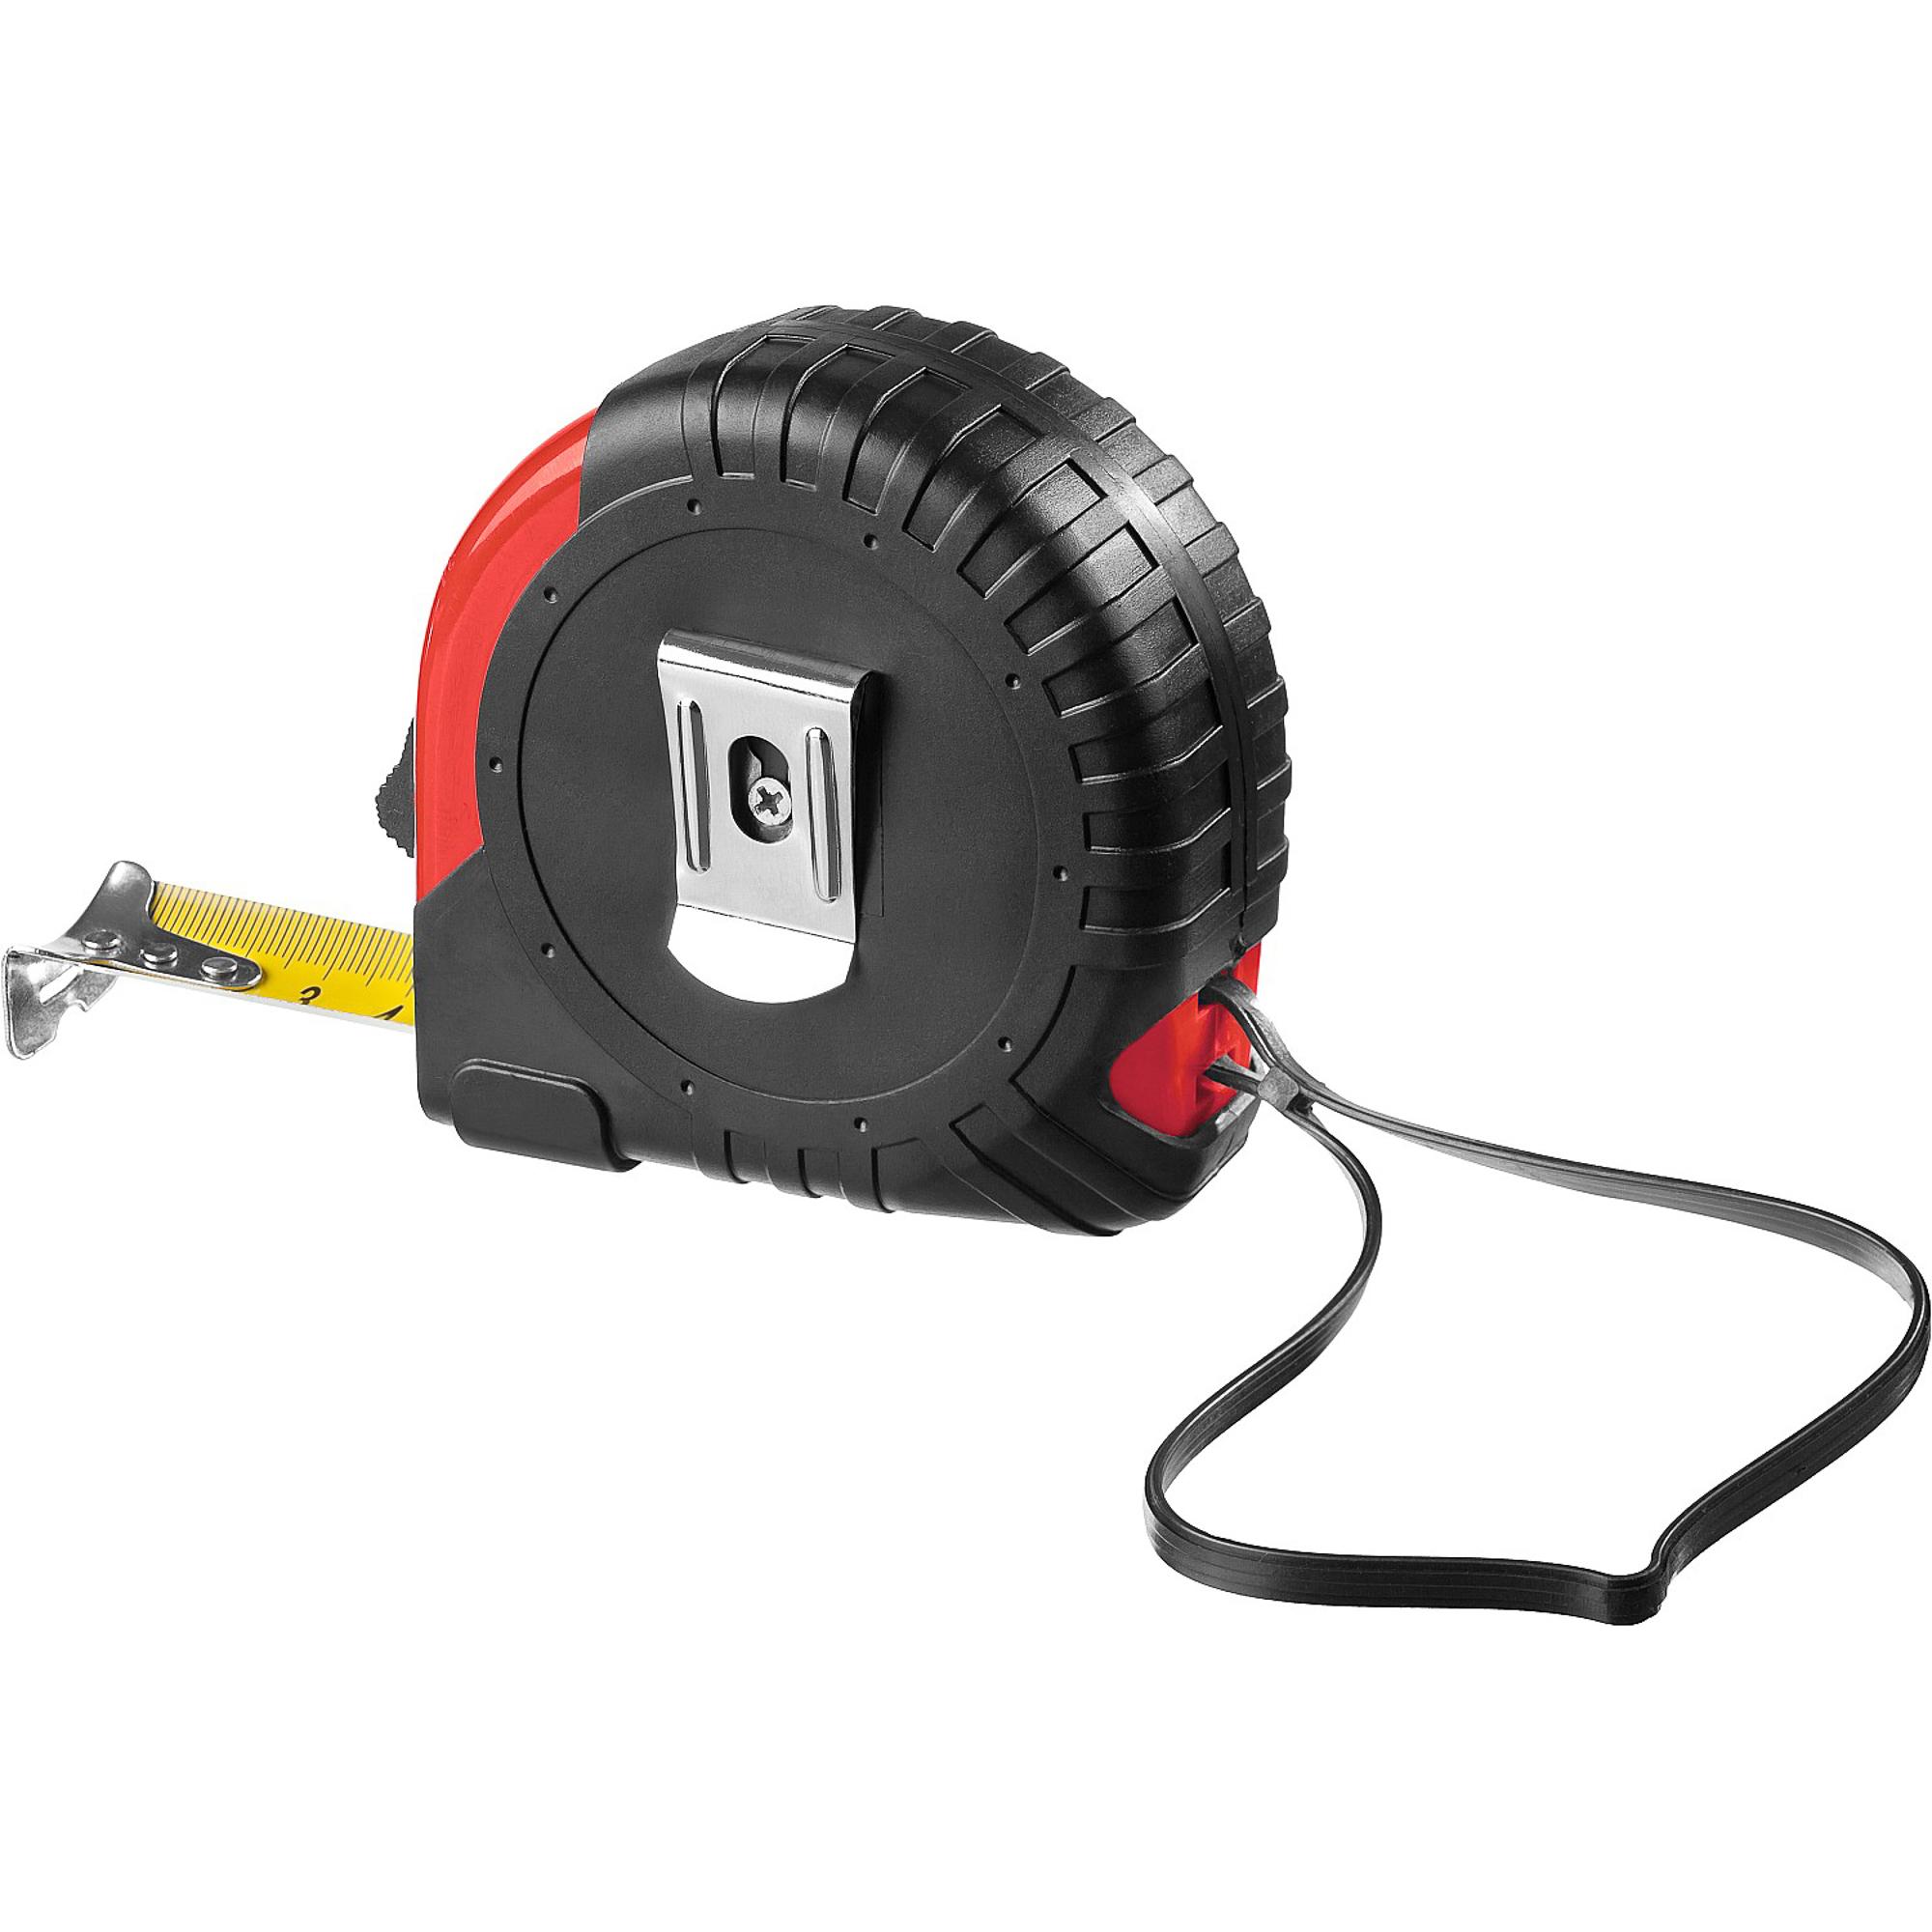 Купить Рулетка MIRAX, обрезиненный пластиковый корпус 3 м, рулетка, Китай